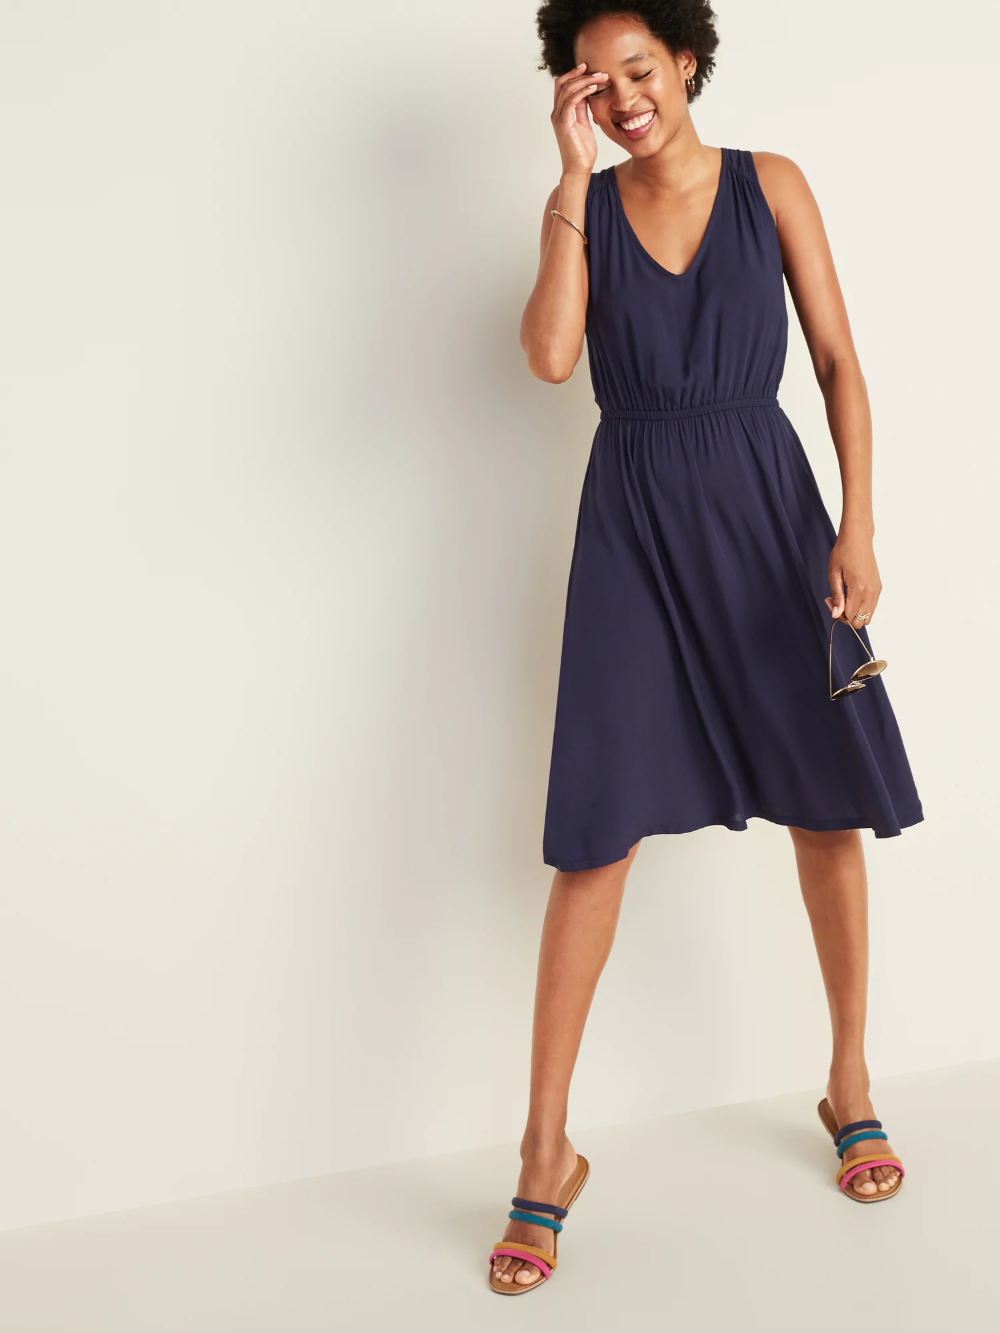 Waist Defined V Neck Sleeveless Dress For Women Old Navy Womens Dresses Sleeveless Dress Dresses [ 1333 x 1000 Pixel ]